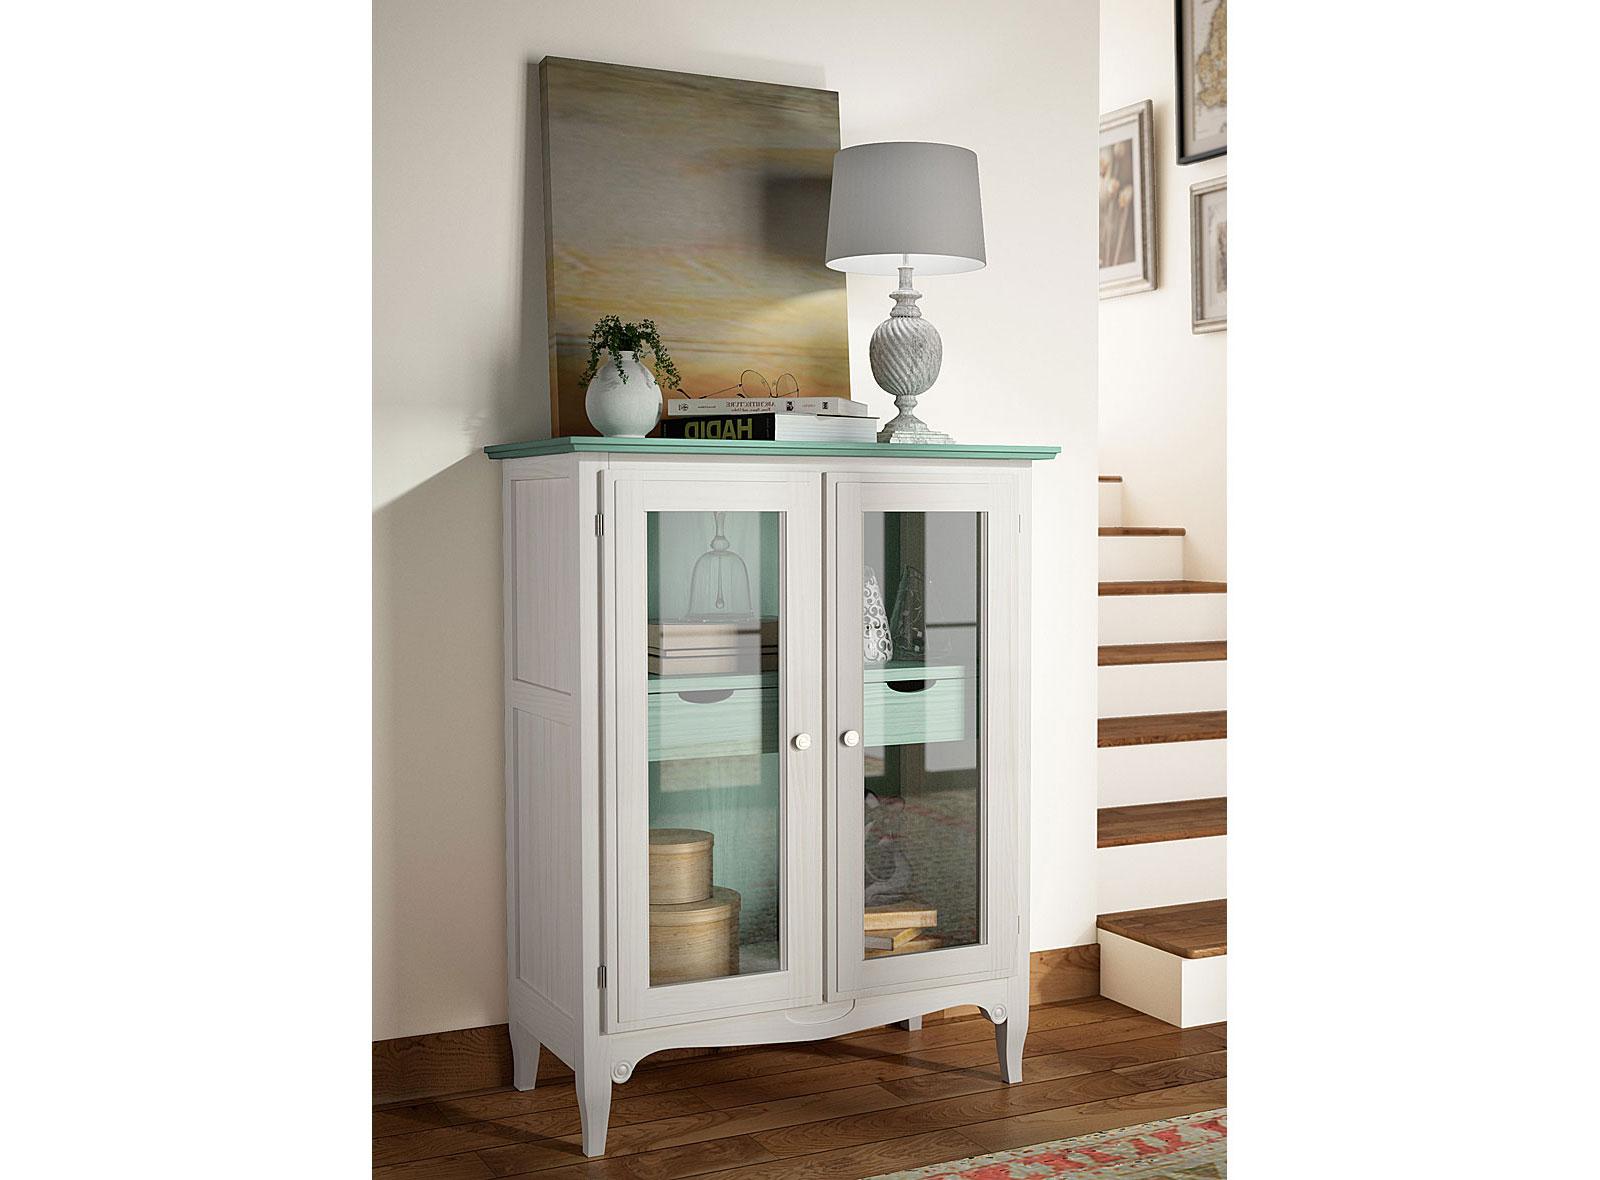 Muebles de comedor por la decoradora experta - Vitrinas para vajillas ...